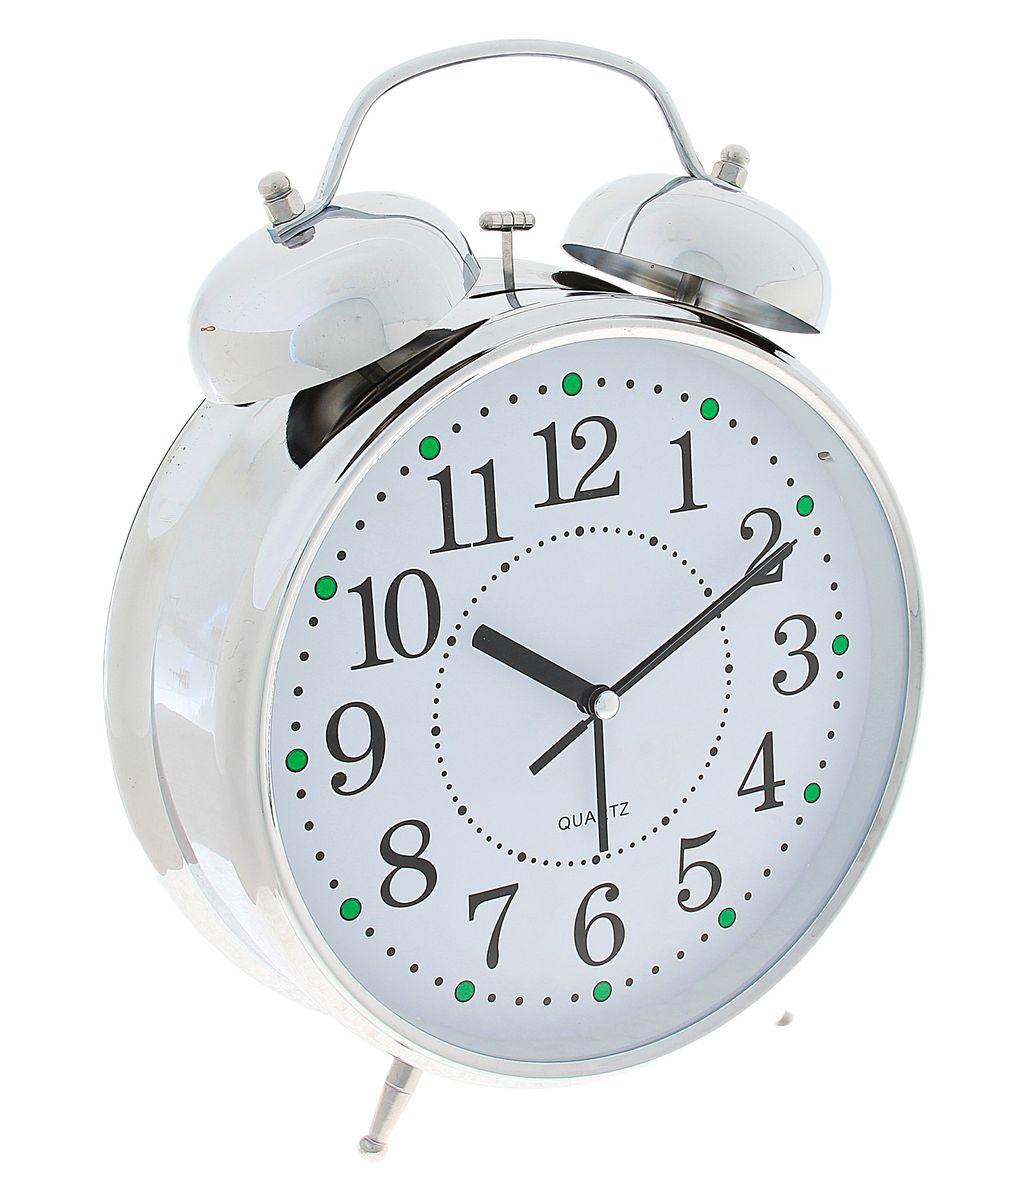 Часы-будильник Sima-land Классика, цвет: белый, серебристый, диаметр 20 см556730Часы-будильник Sima-land Классика - это невероятных размеров устройство, созданноеспециально для тех, кто с трудом просыпается по утрам! Изделие обладает классическим дизайном. Такой будильник станет изюминкой вашегоинтерьера. Будильник работает от 3 батареек типа АА 1,5 В (в комплект не входят). На задней панелибудильника расположены переключатель включения/выключения механизма, два поворотныхрычага для настройки текущего времени и установки будильника, а также кнопка для включенияподсветки циферблата. Диаметр циферблата: 20 см.